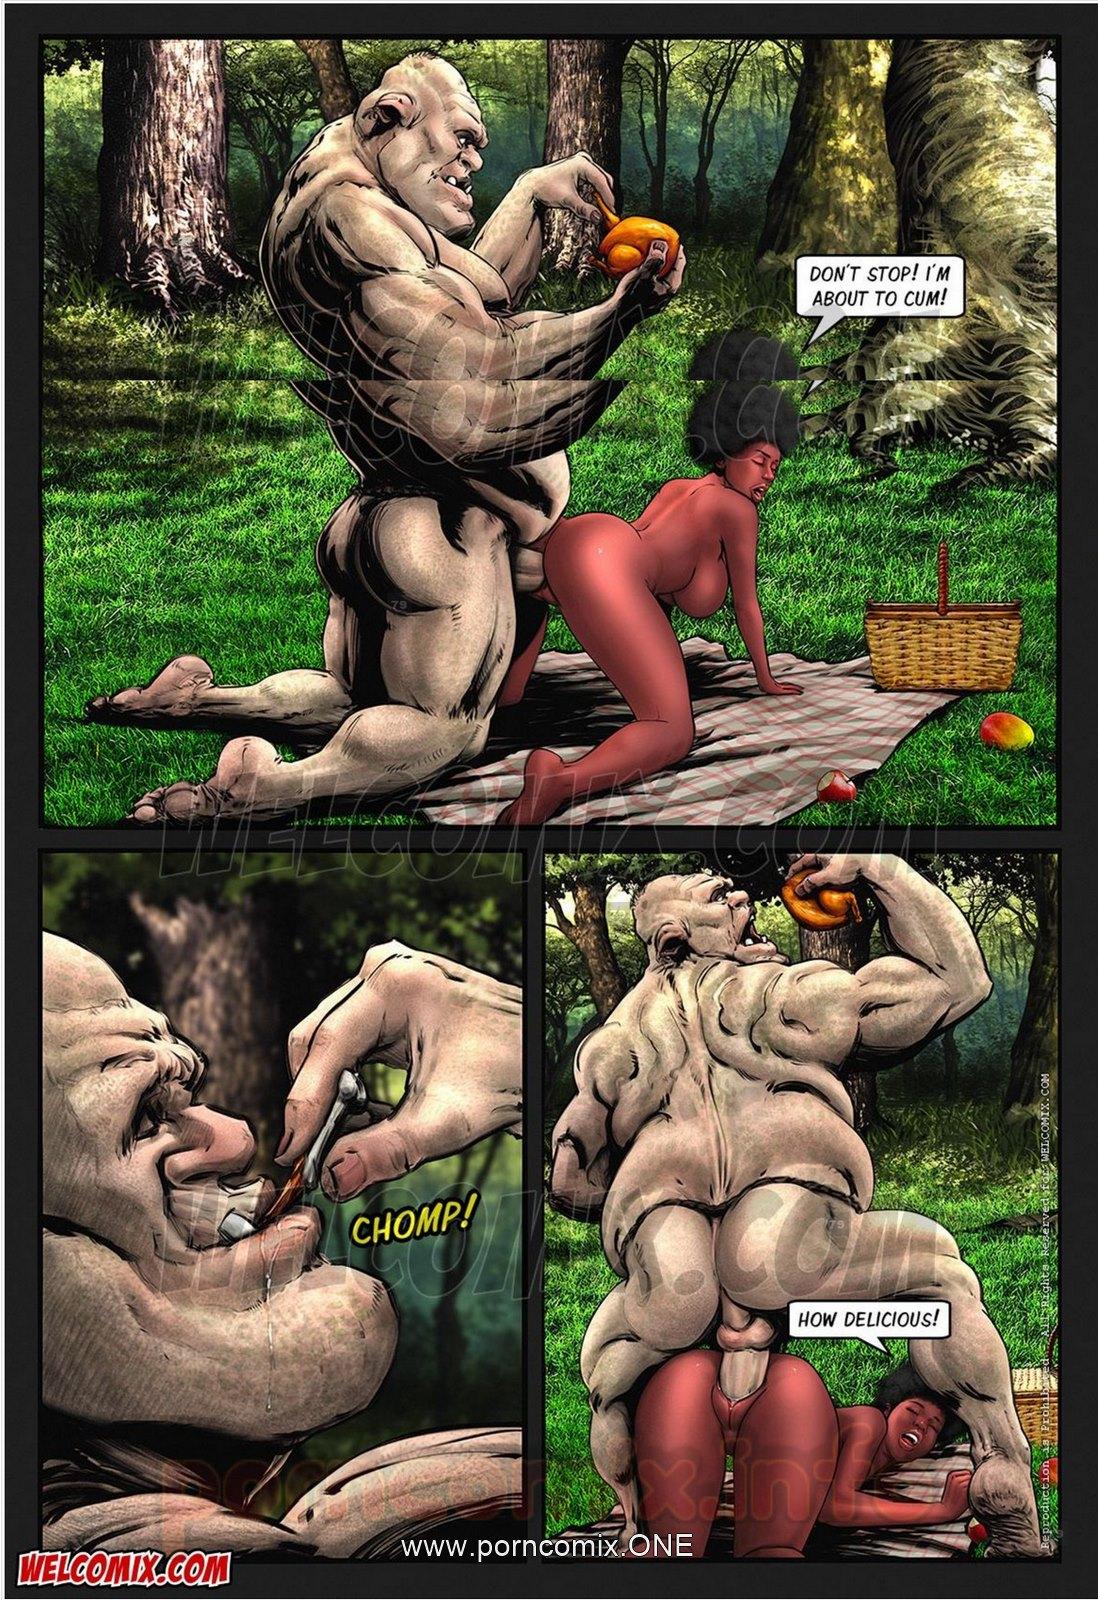 порно комиксы про наруто без фото просто комиксы про хинату и наруто